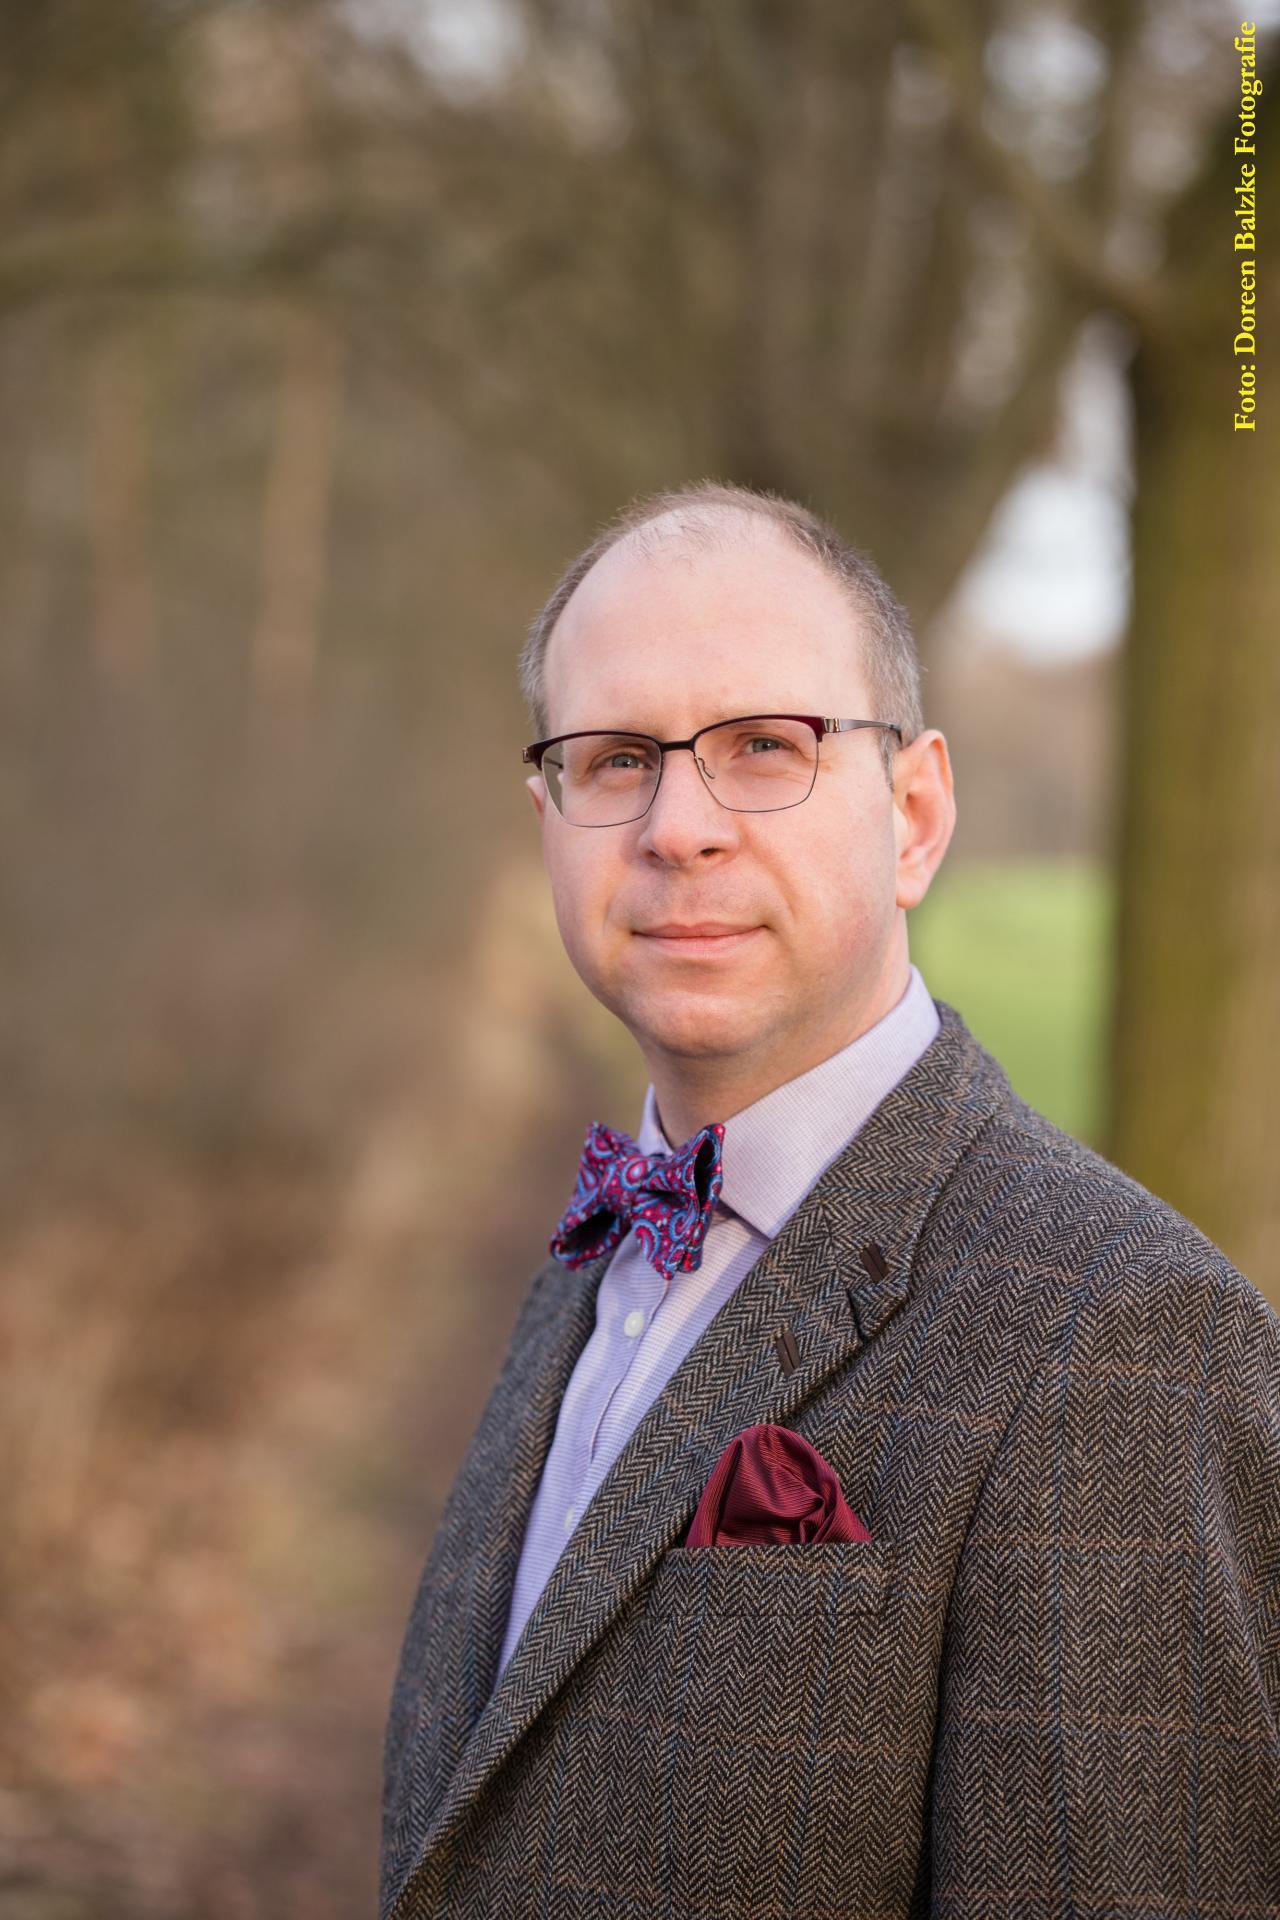 Ulrich Georgi, Gemeinschaftsvorsitzender der Verwaltungsgemeinschaft Gramme-Vippach